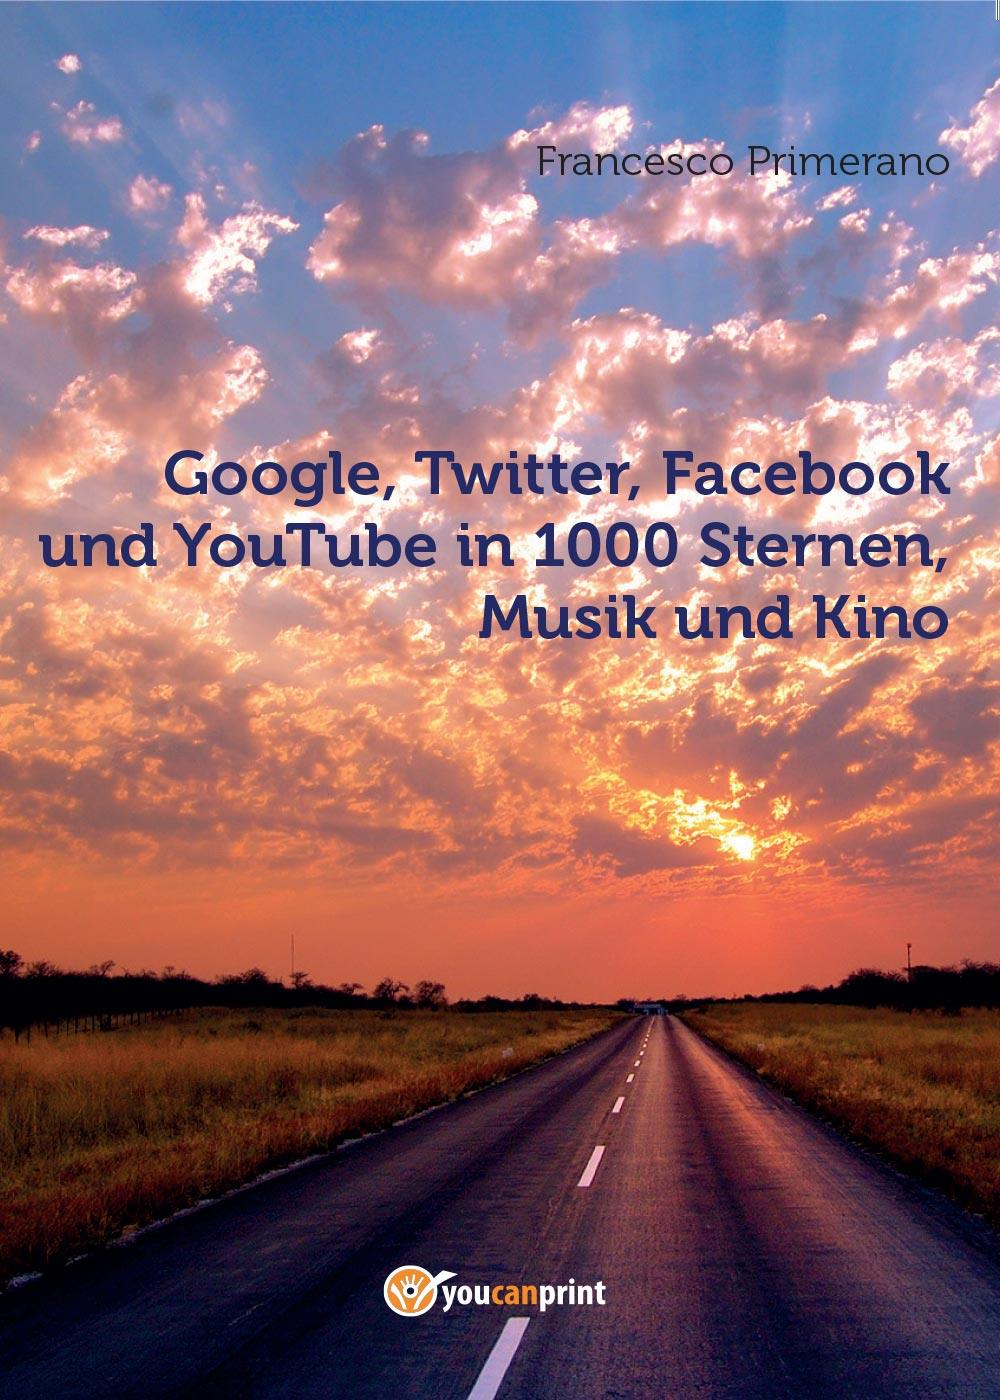 Google, Twitter, Facebook und YouTube in 1000 Sternen, Musik und Kino